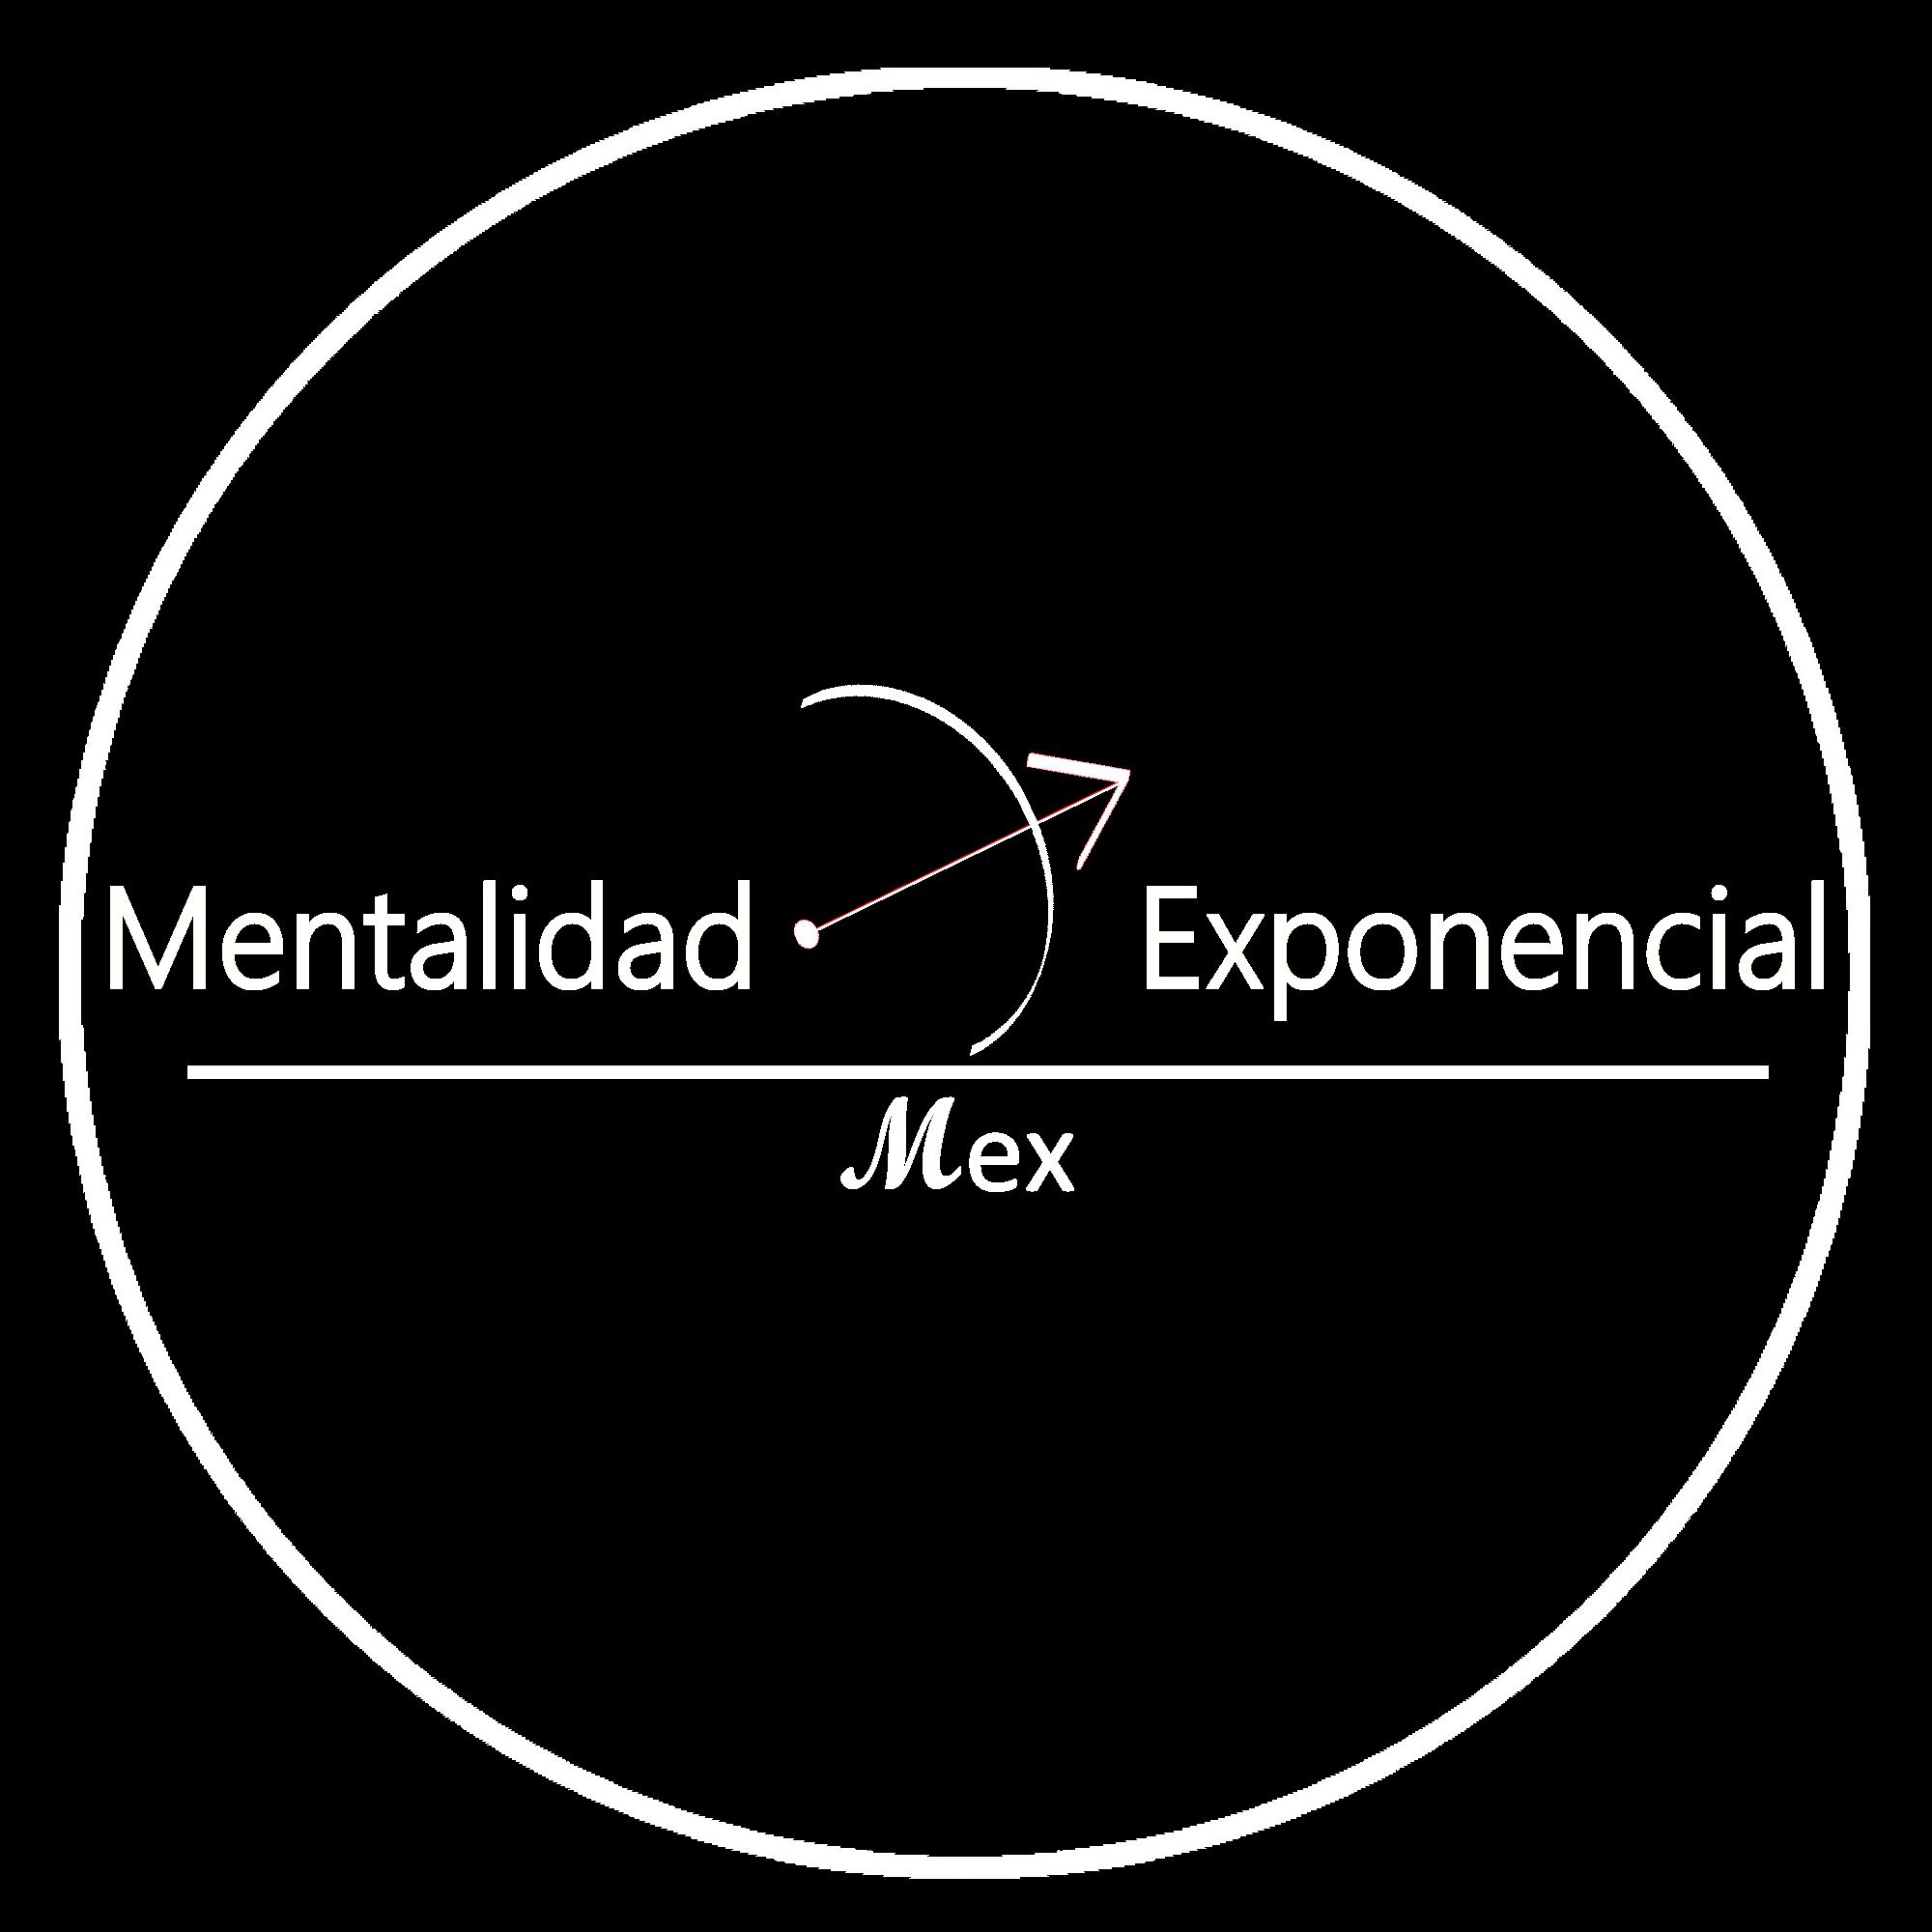 Mentexpo